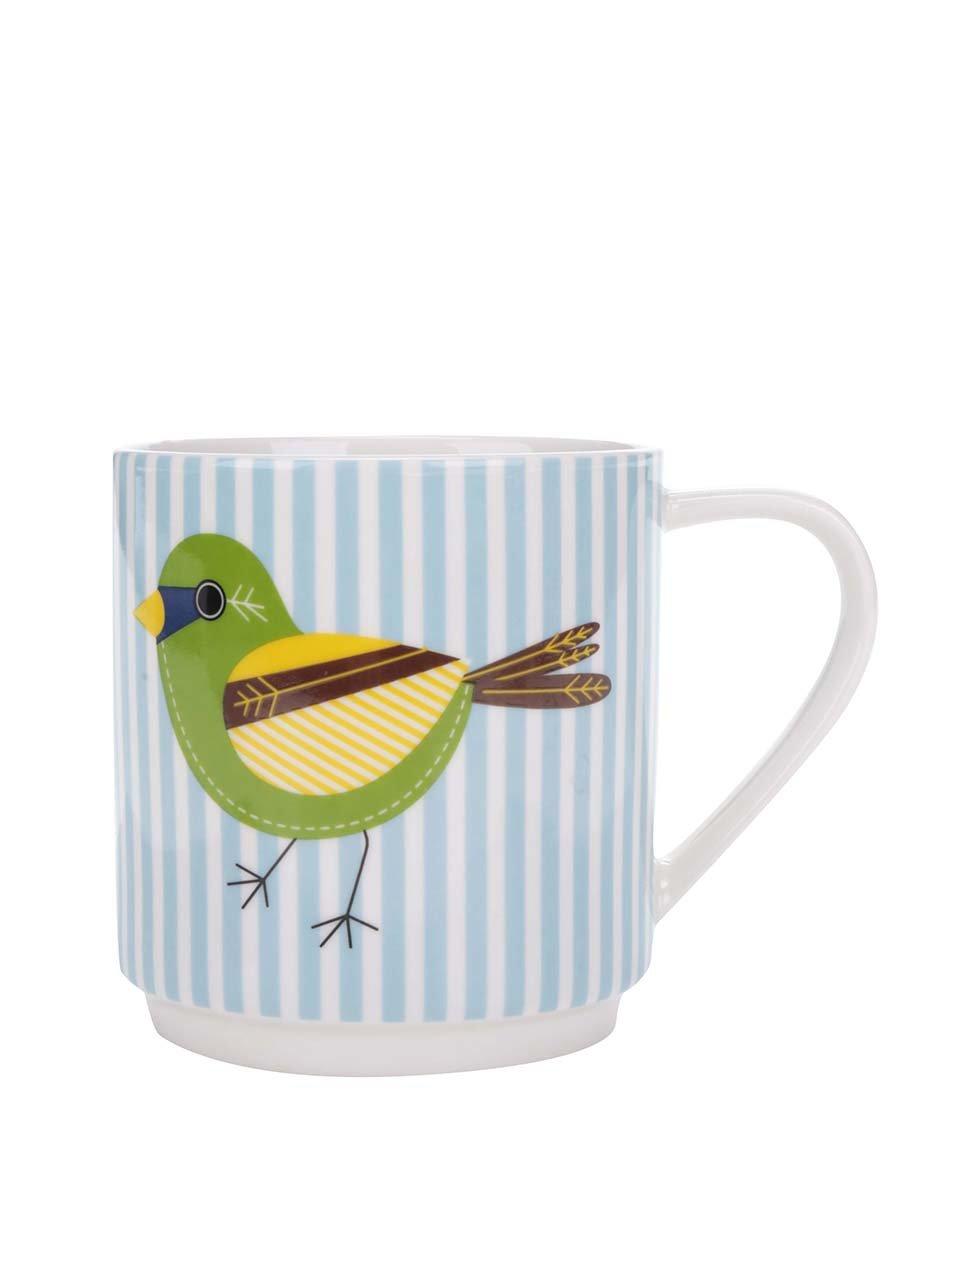 Modrý porcelánový pruhovaný hrnek s potiskem ptáka Kitchen Craft